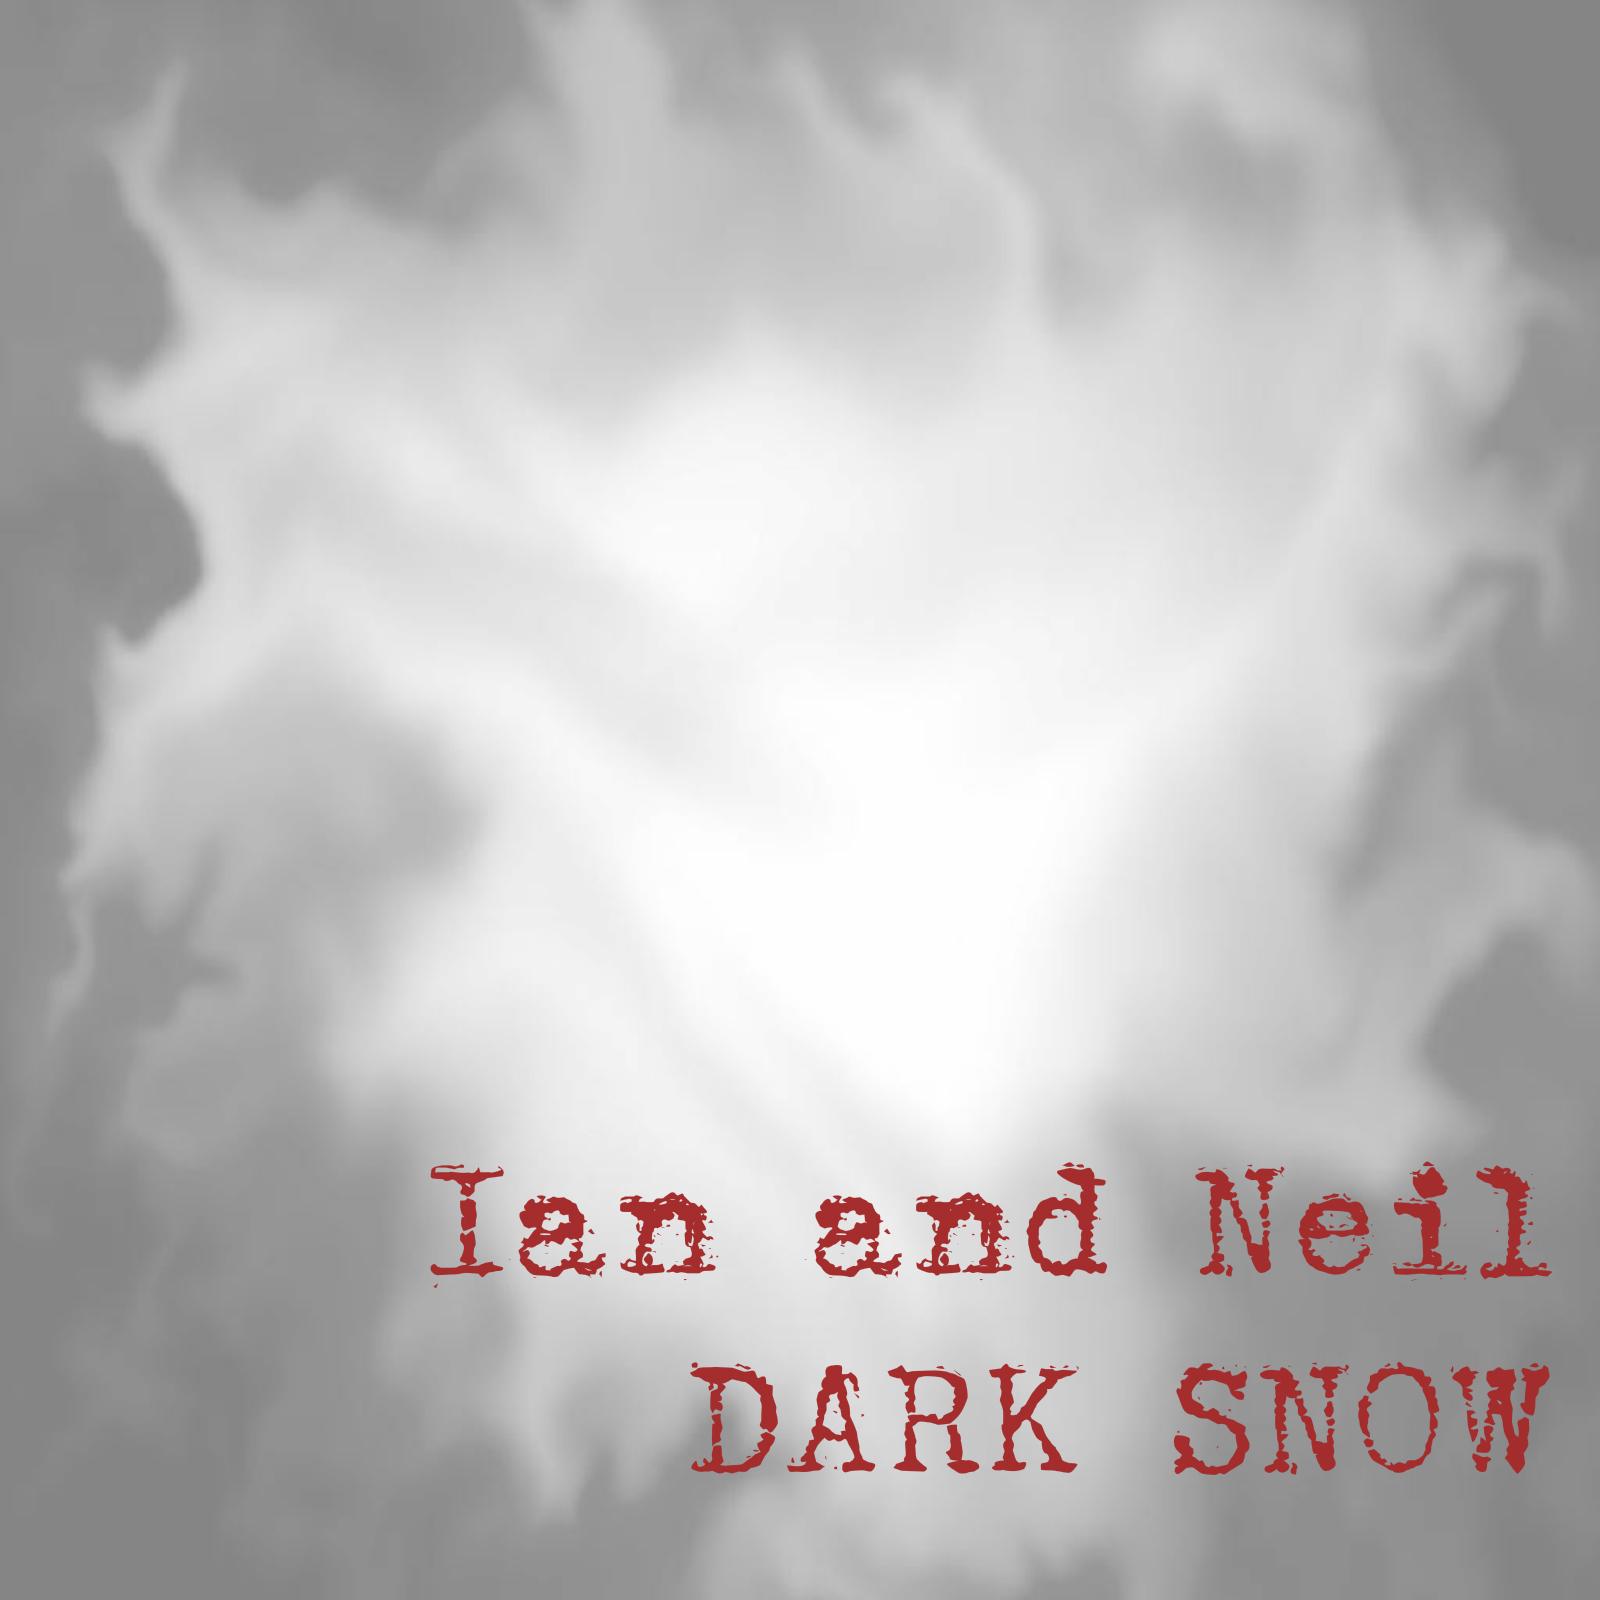 dark snow 1